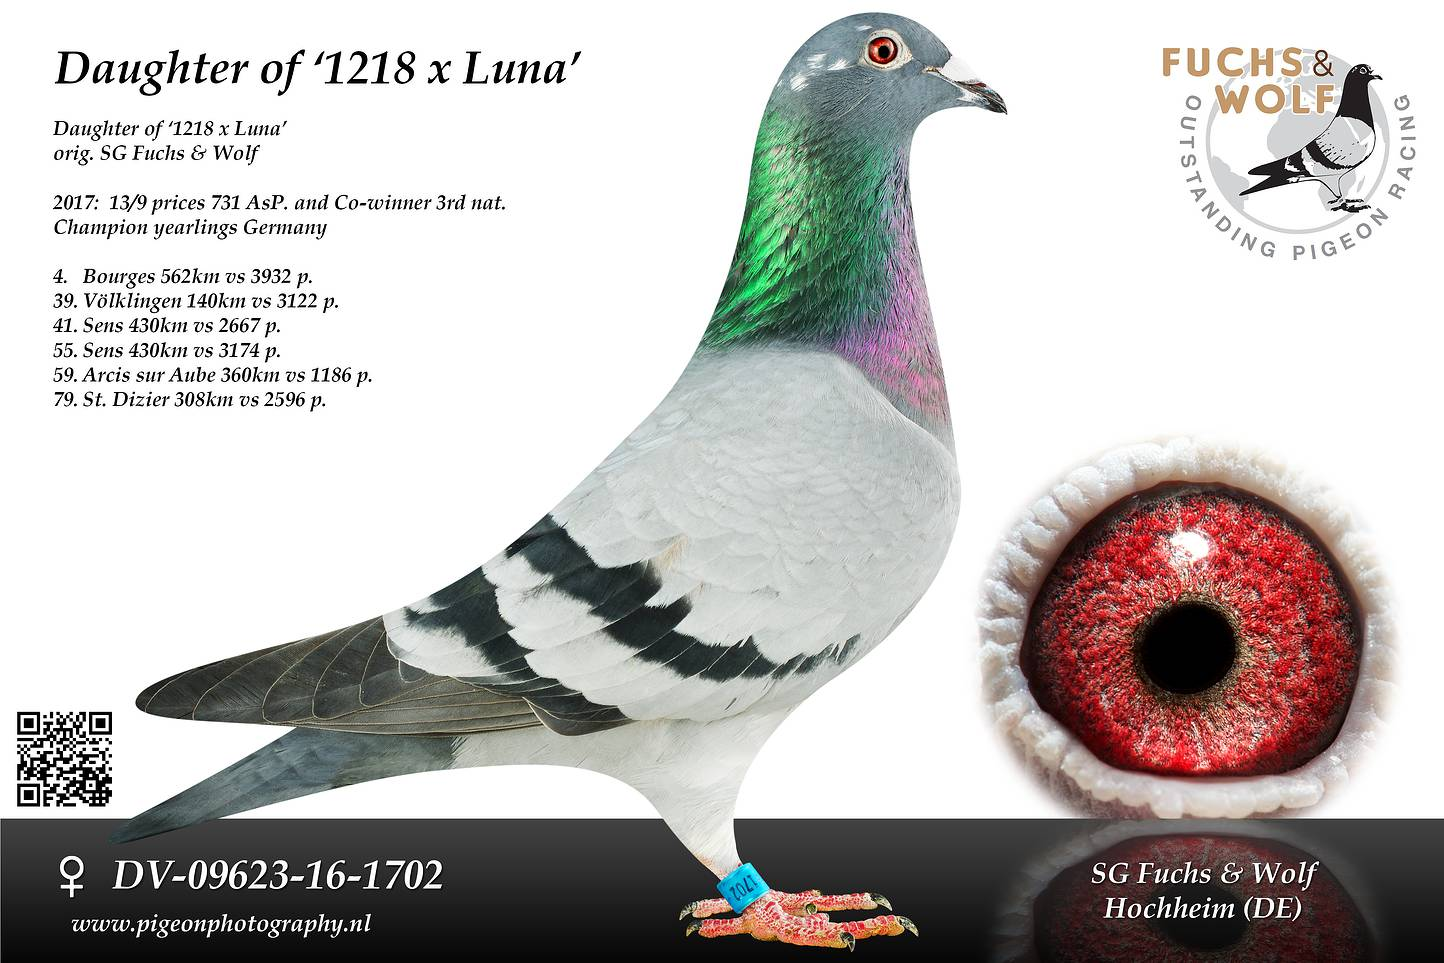 DV 09623 16 1702 main